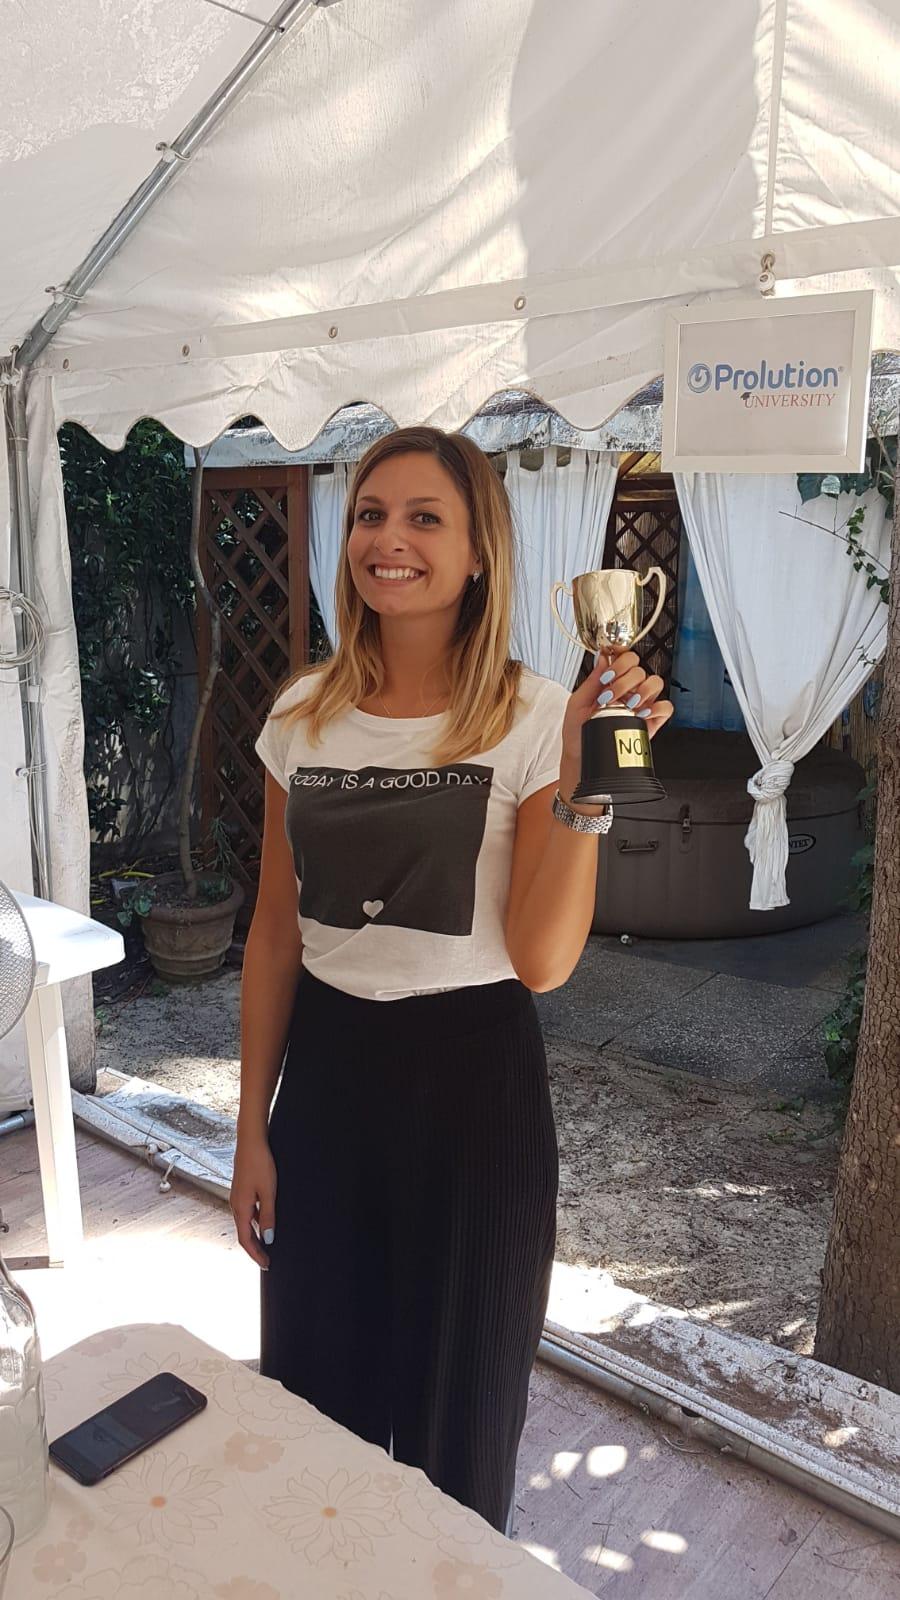 IMMAGINE #TODAYISAGOODDAY per Ilaria che la scorsa settimana è stata nominata la Best of the Week!!!